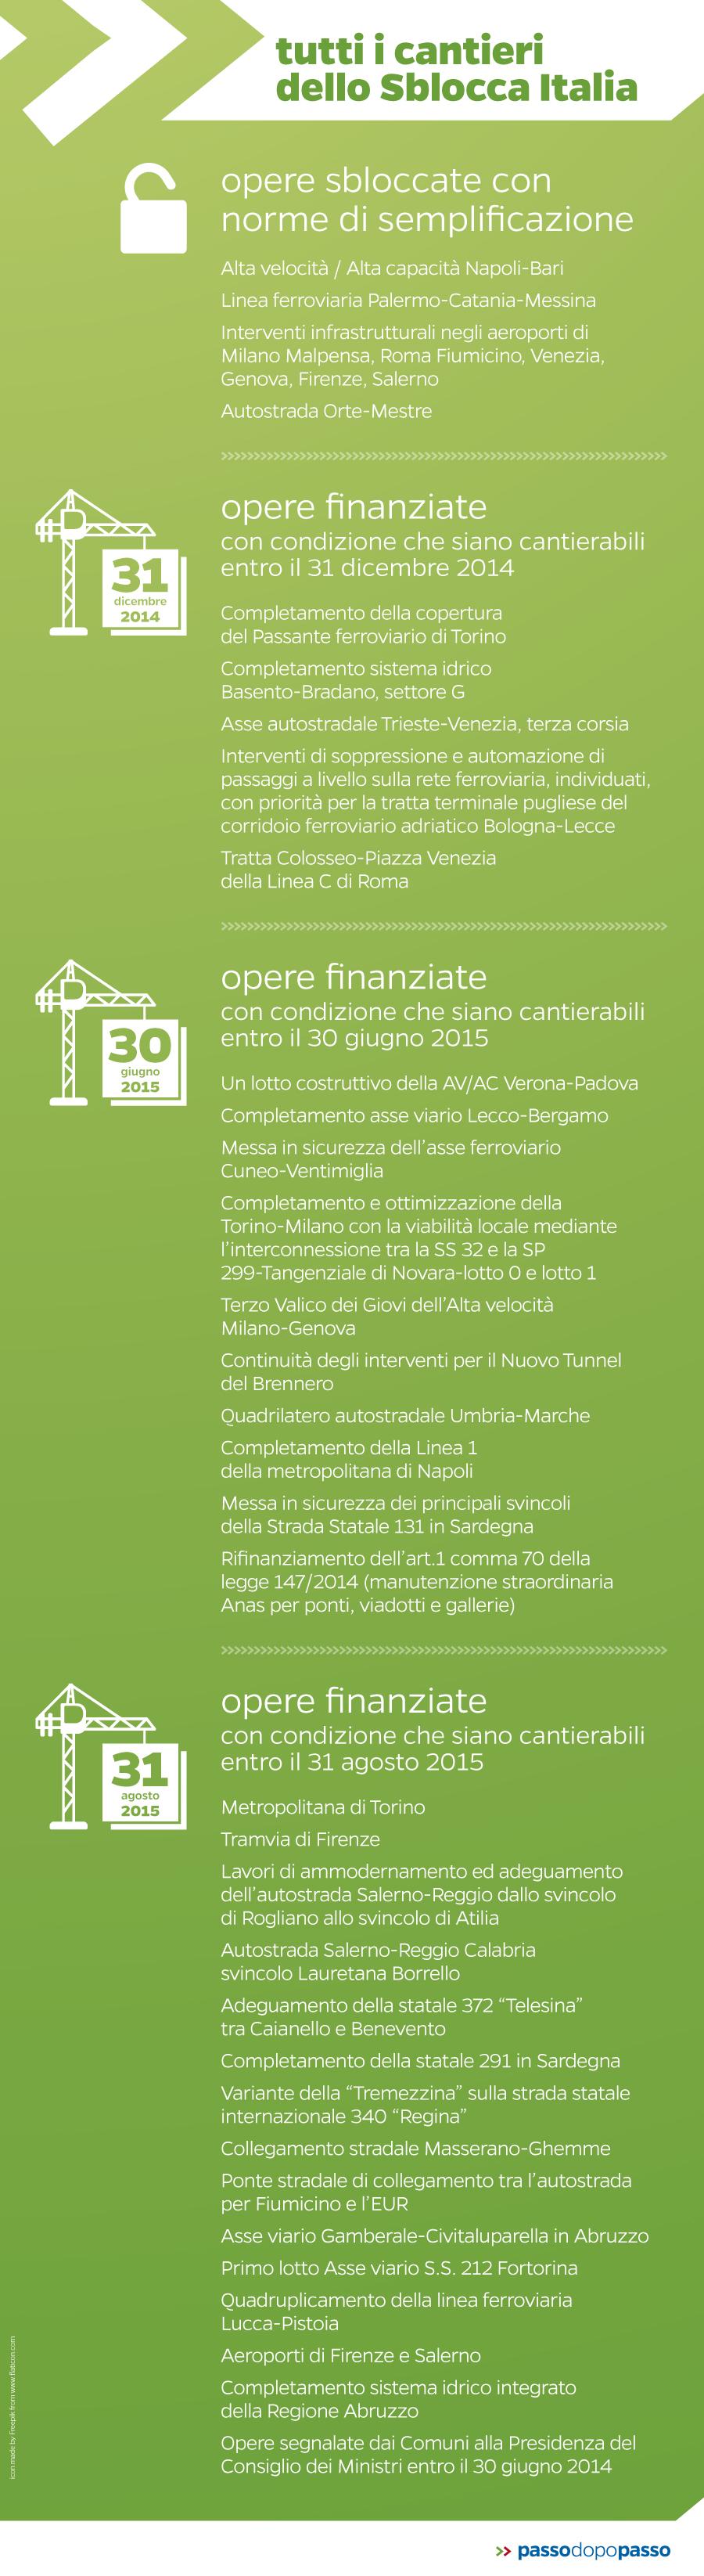 Infografica: Tutti i cantieri dello Sblocca Italia